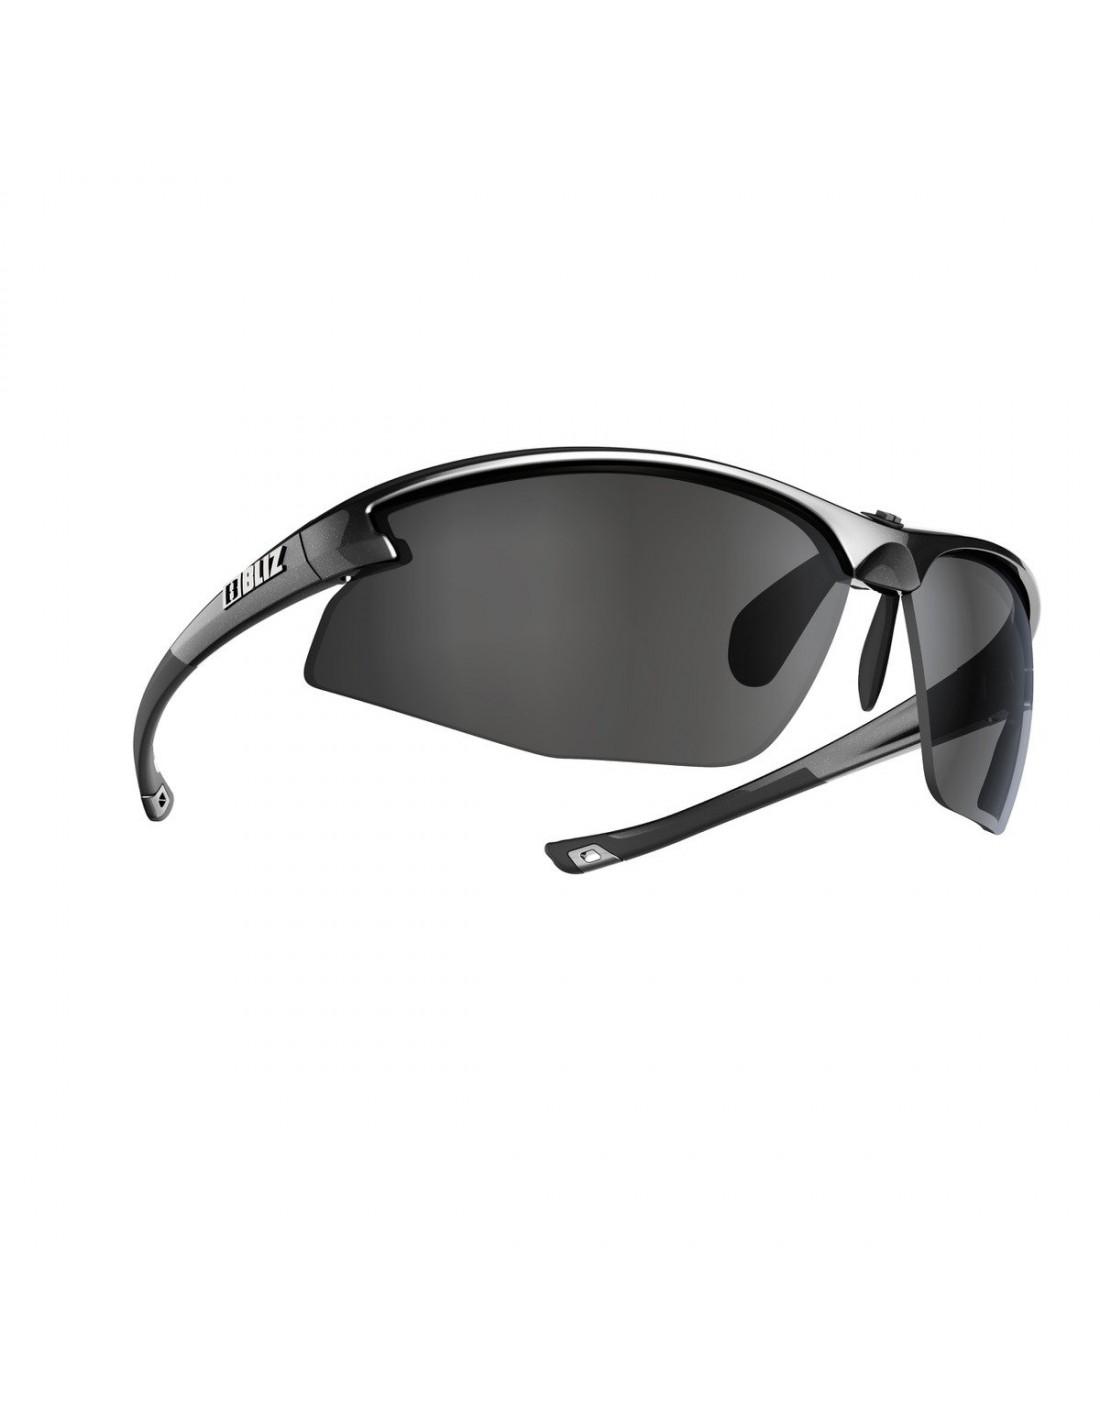 Sykkelbriller Bliz Motion Sykkelbriller 9060 399 kr